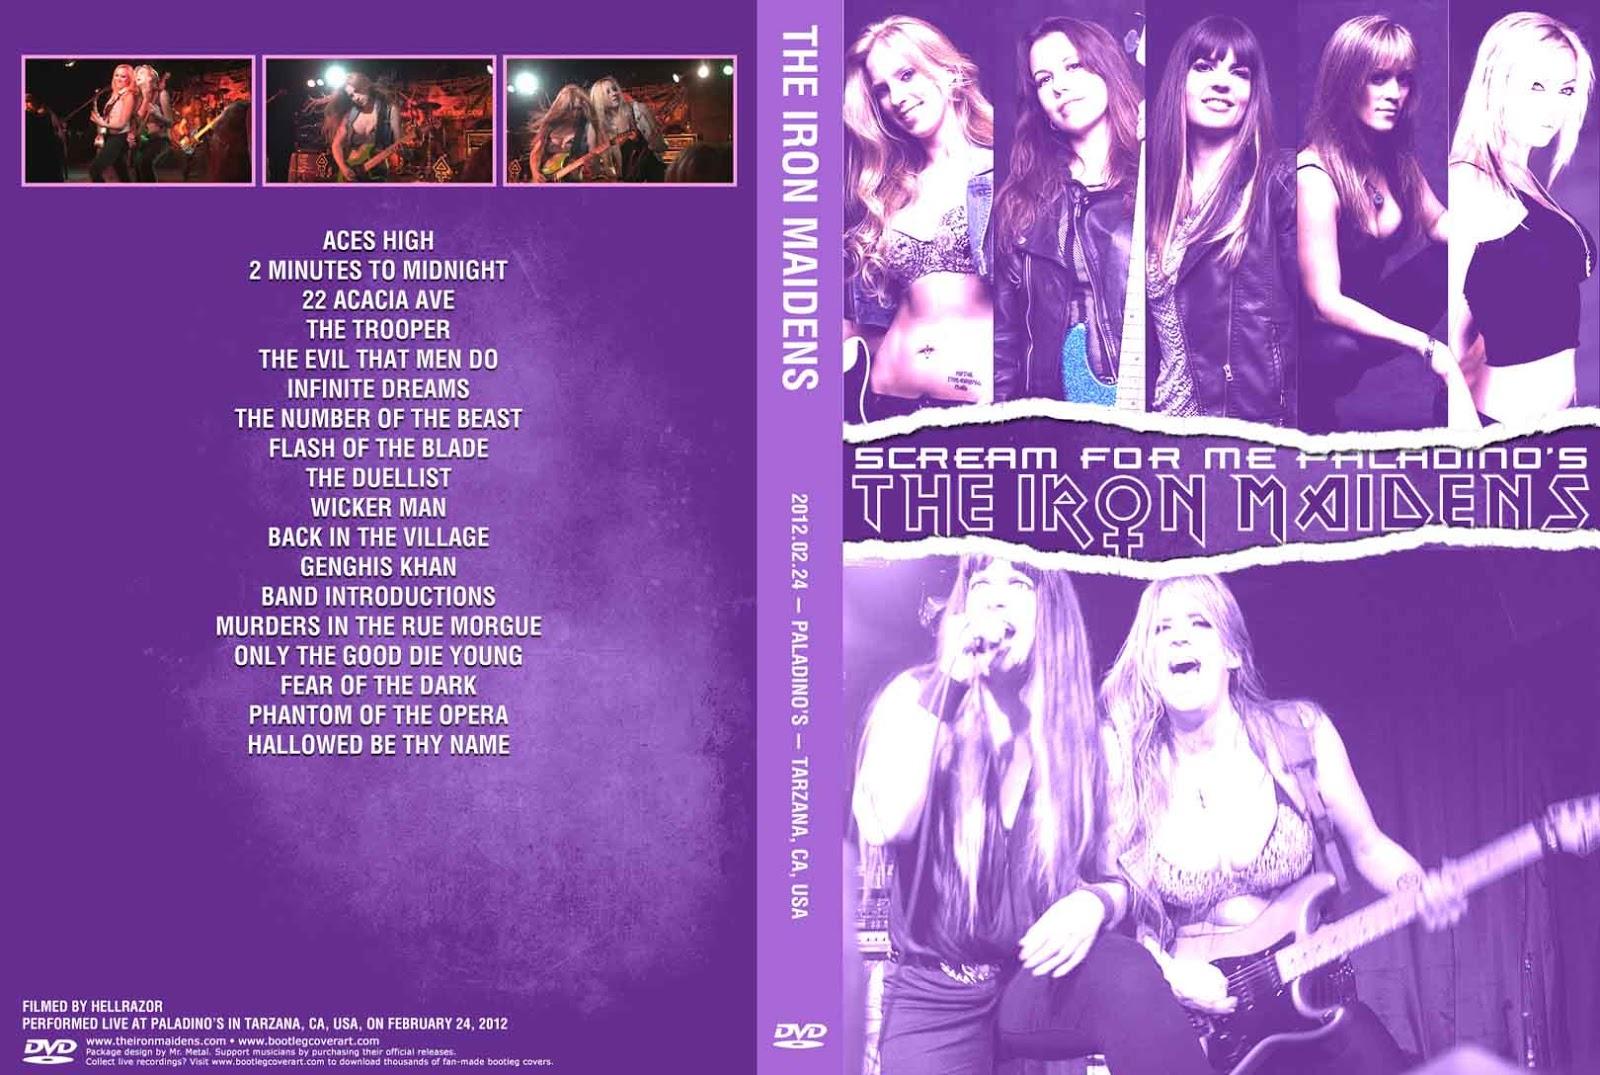 http://2.bp.blogspot.com/-XjmV71nhveU/T3aFR3HRQhI/AAAAAAAAFiw/khDk0cfZsFY/s1600/TheIronMaidens_2012-02-24_TarzanaCA_DVD_1cover.jpg